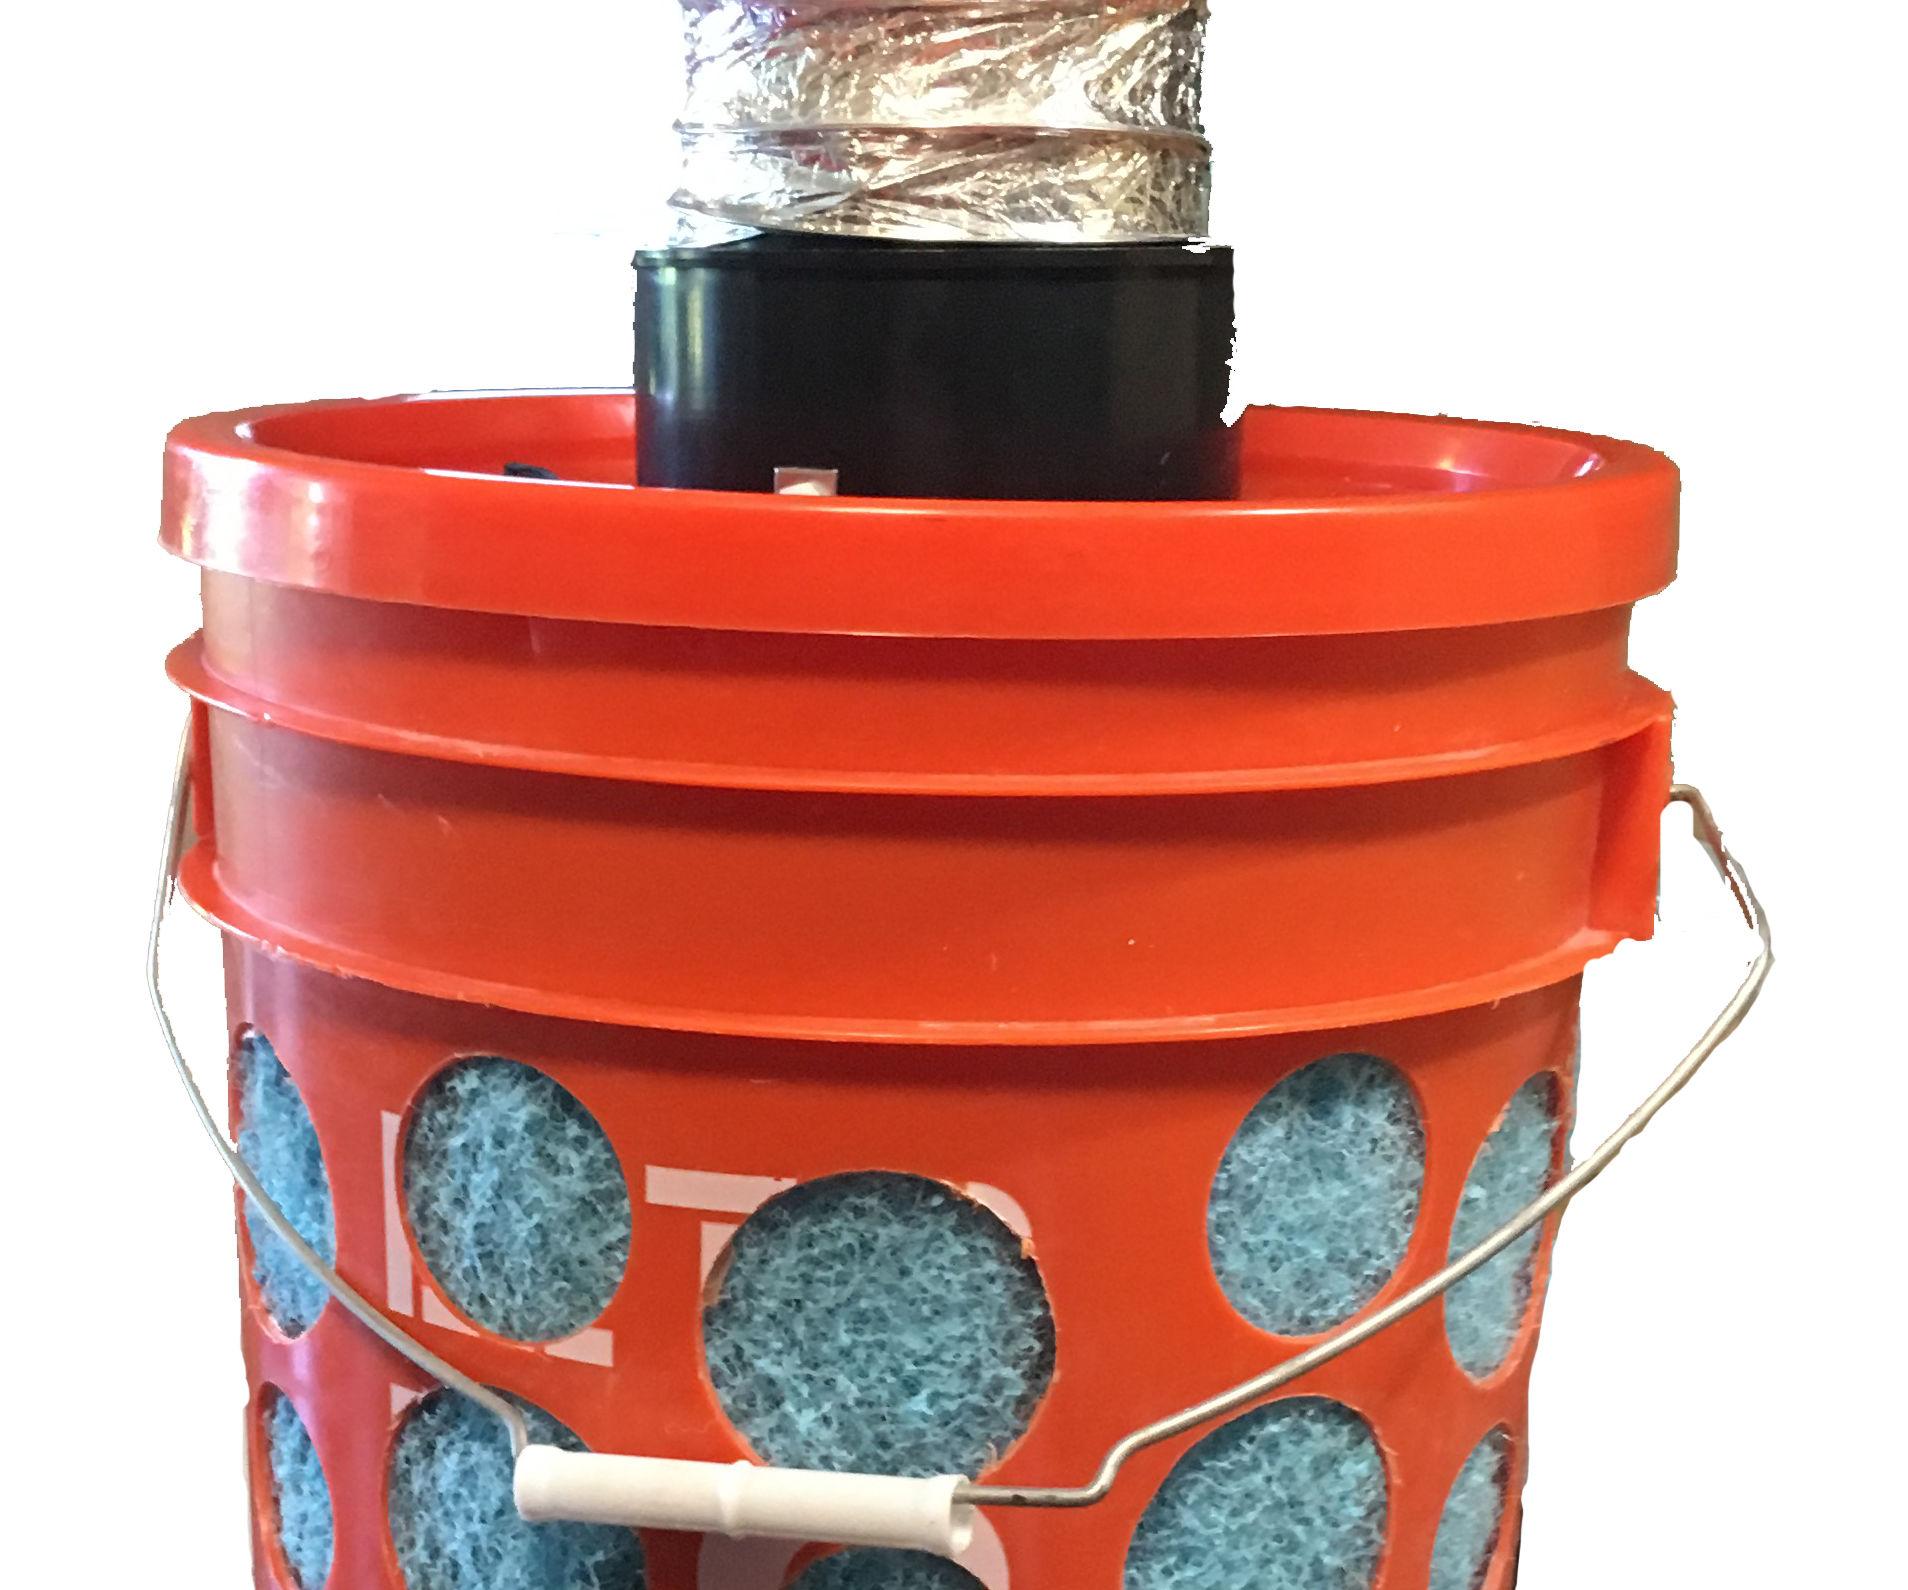 easy mode figjam 5 gallon bucket swamp cooler [ 1908 x 1590 Pixel ]